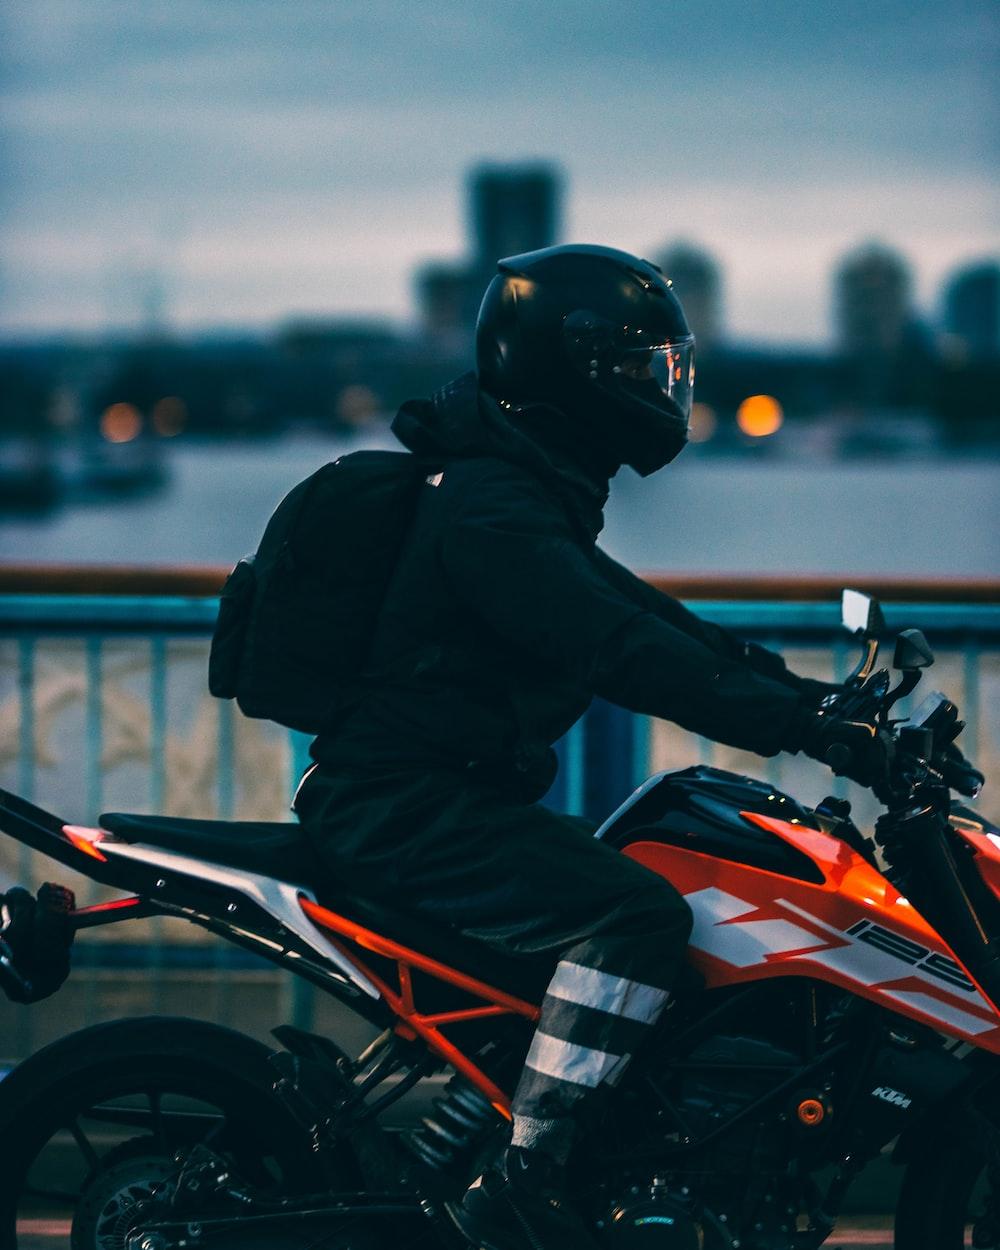 man in black jacket riding orange and black motorcycle